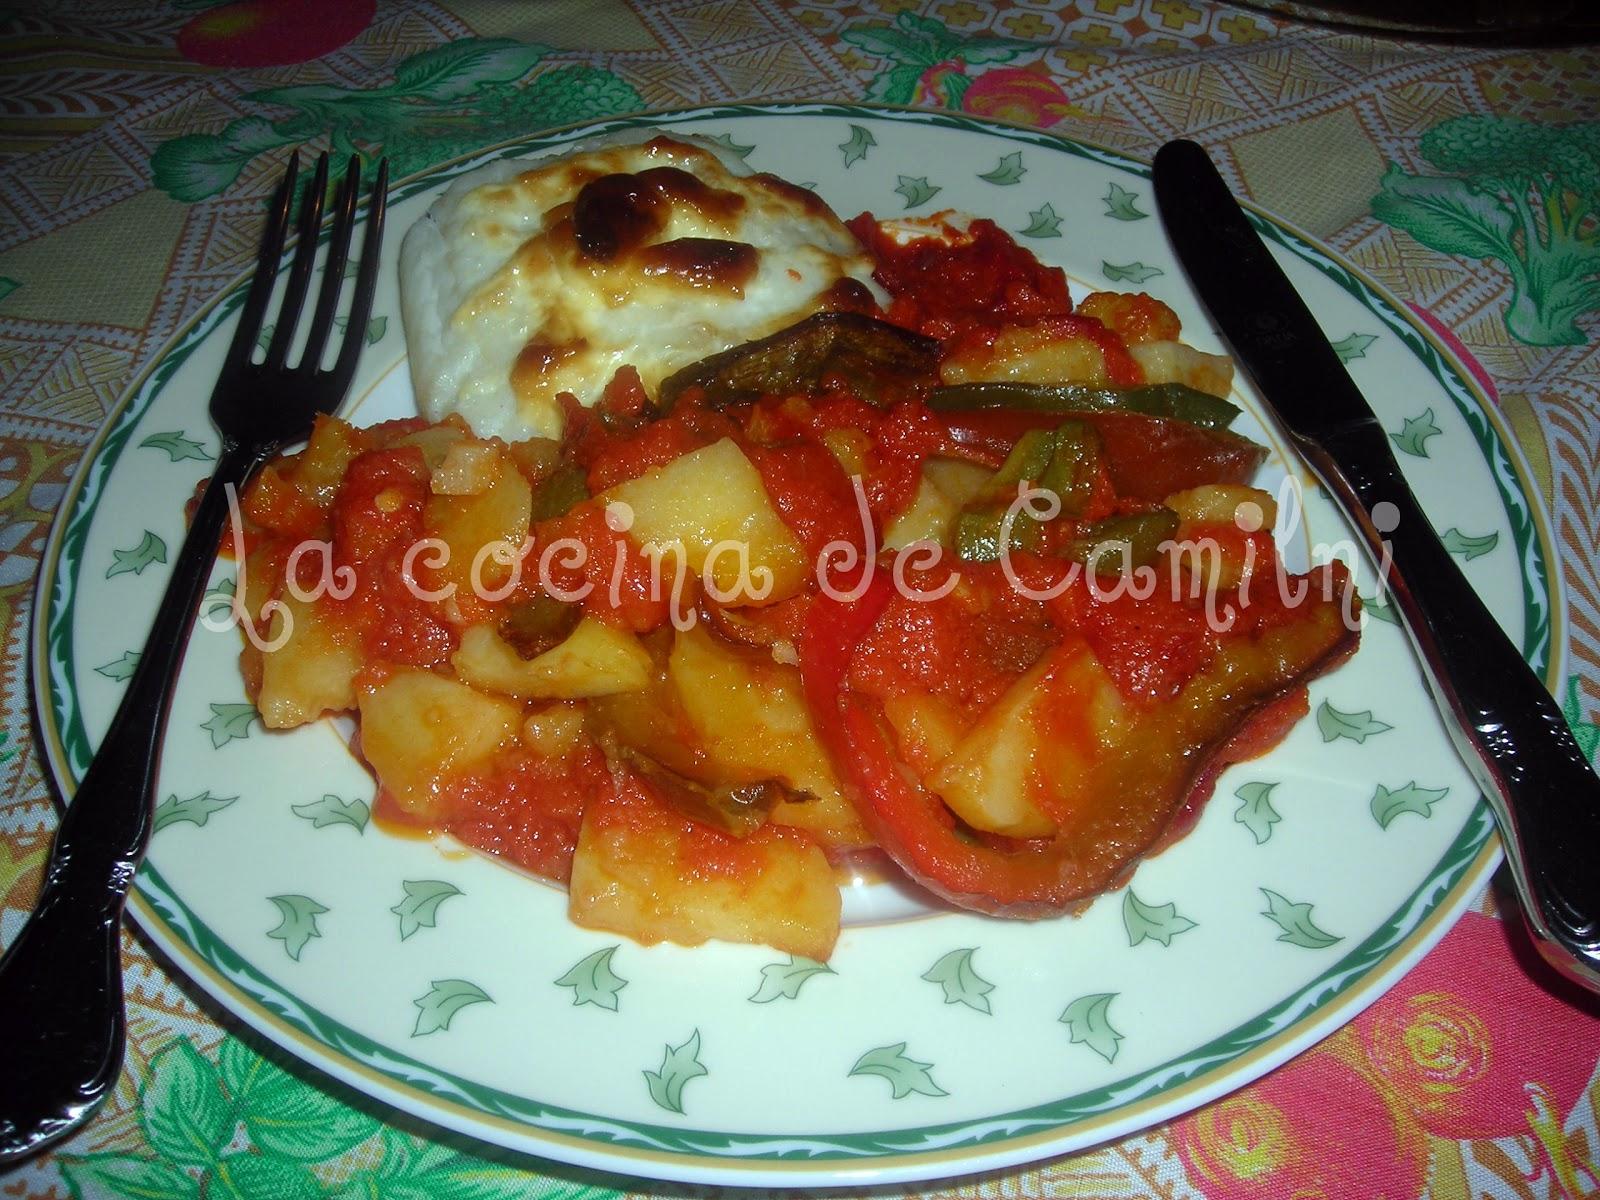 La cocina de camilni bacalao gratinado con patatas y tomate for Cocina bacalao con patatas